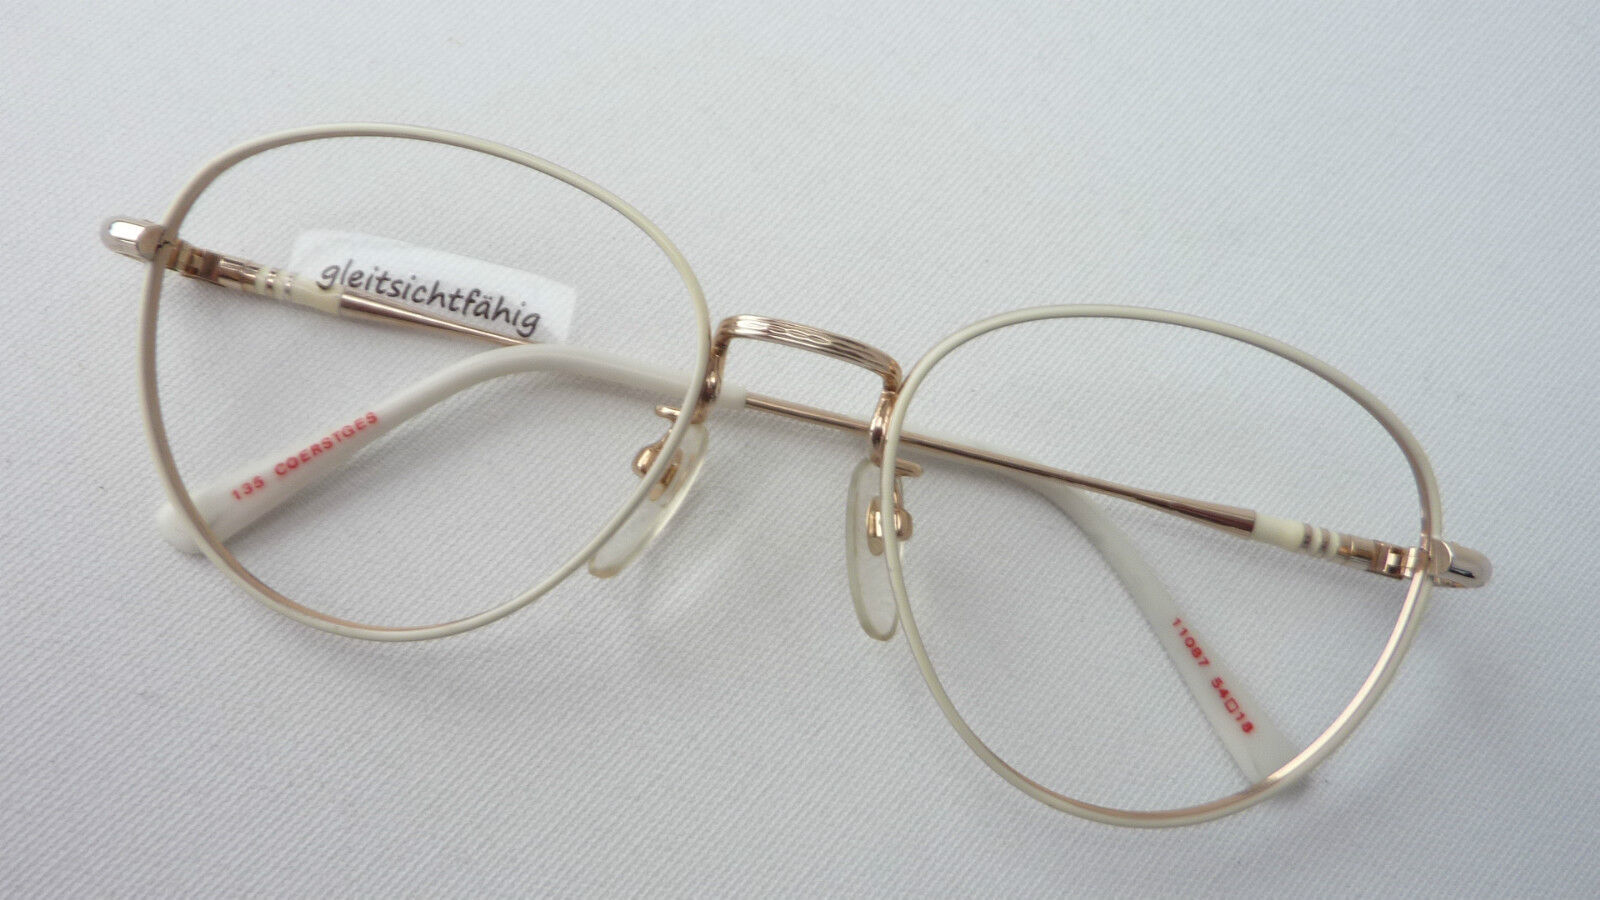 Runde Pantobrille Brillen oval cremeweiß Brillengestell Vintagefassung Grösse L | | | Elegante Und Stabile Verpackung  | Perfekt In Verarbeitung  | Qualität und Verbraucher an erster Stelle  601911